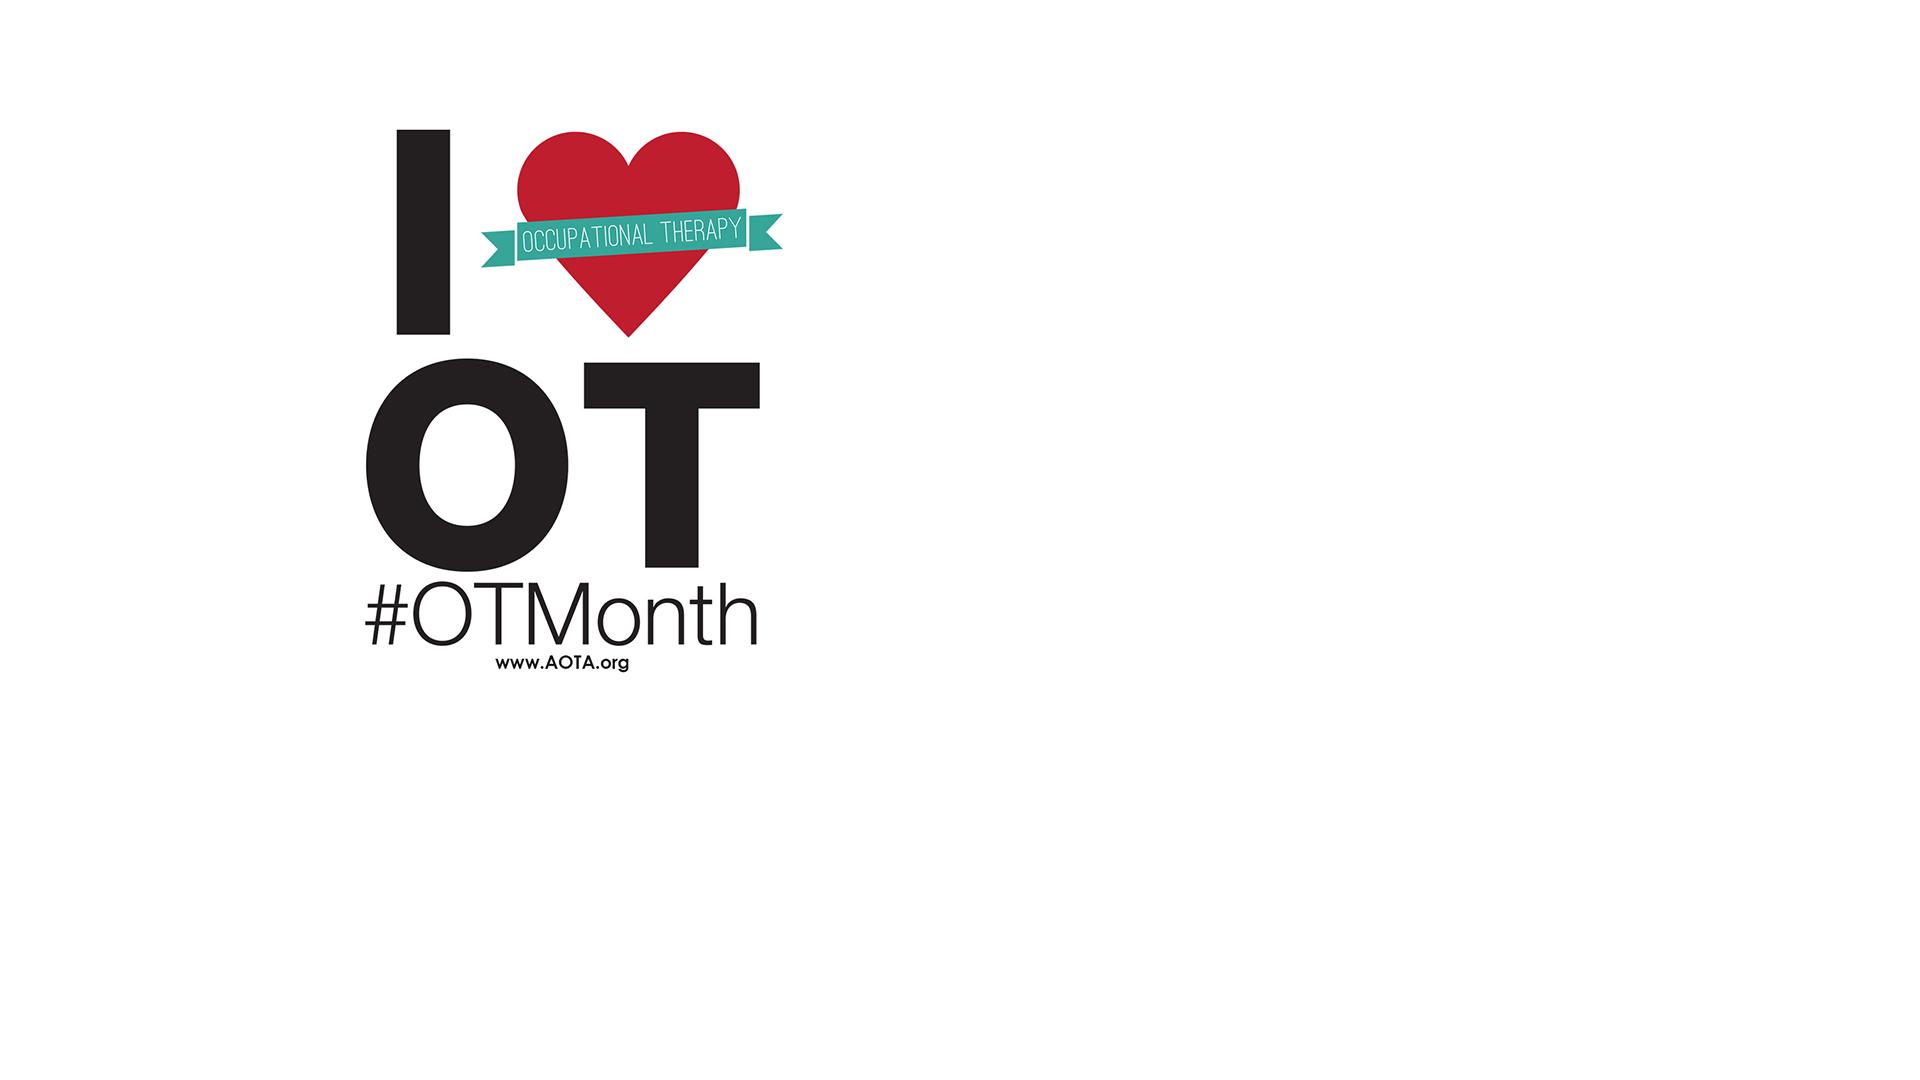 Zoom Background OT month I heart OT